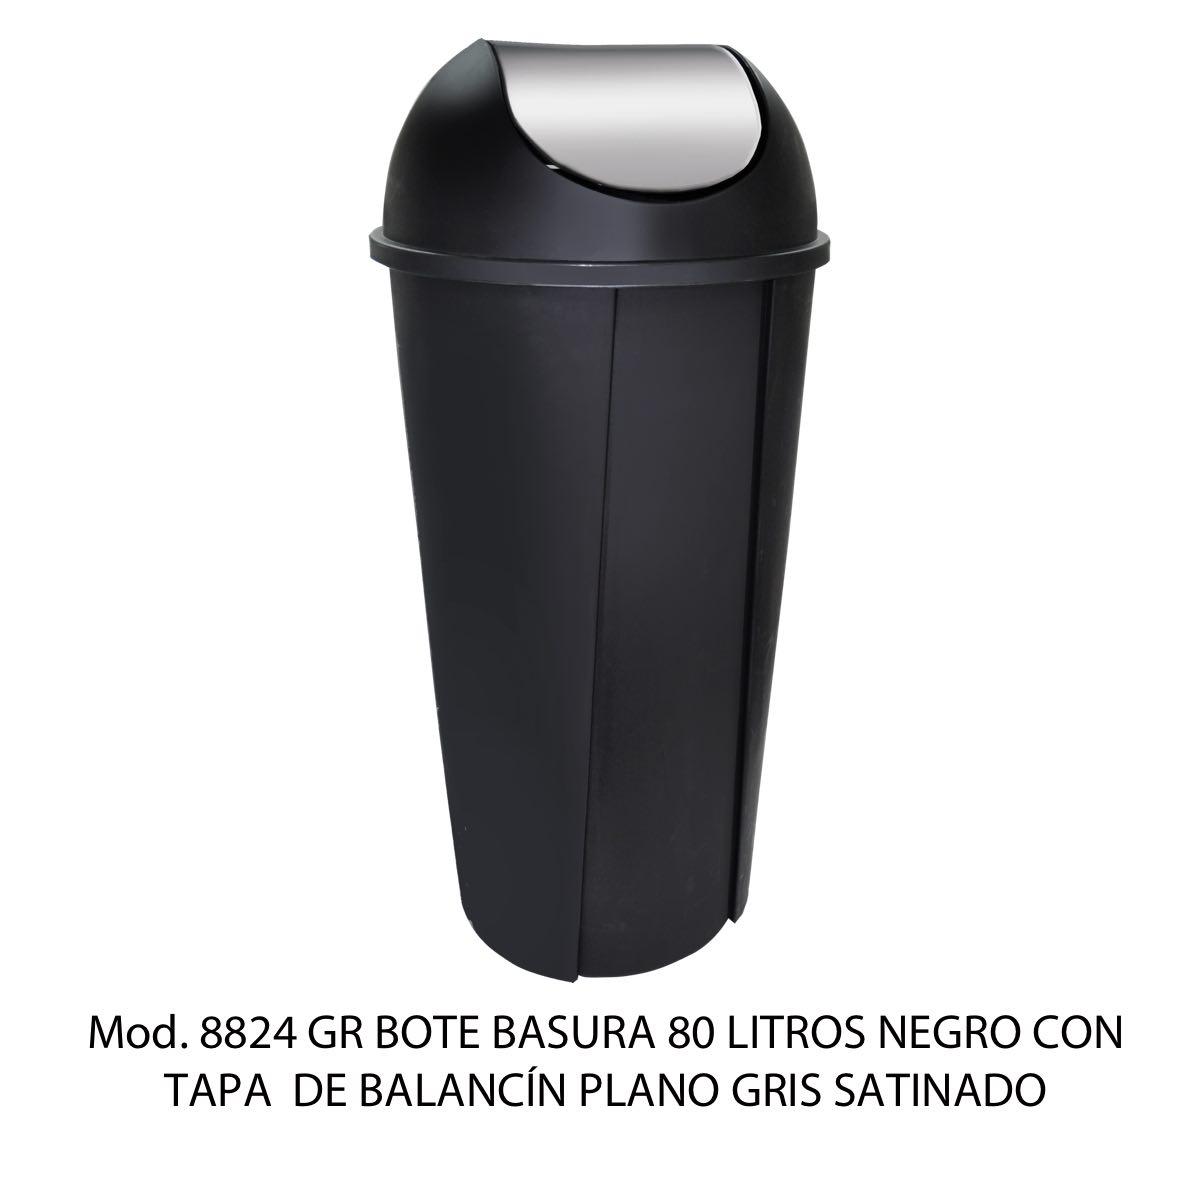 Bote de basura redondo negro de 80 litros con tapa gris satinado tipo balancín liso modelo 8824 GR Sablón